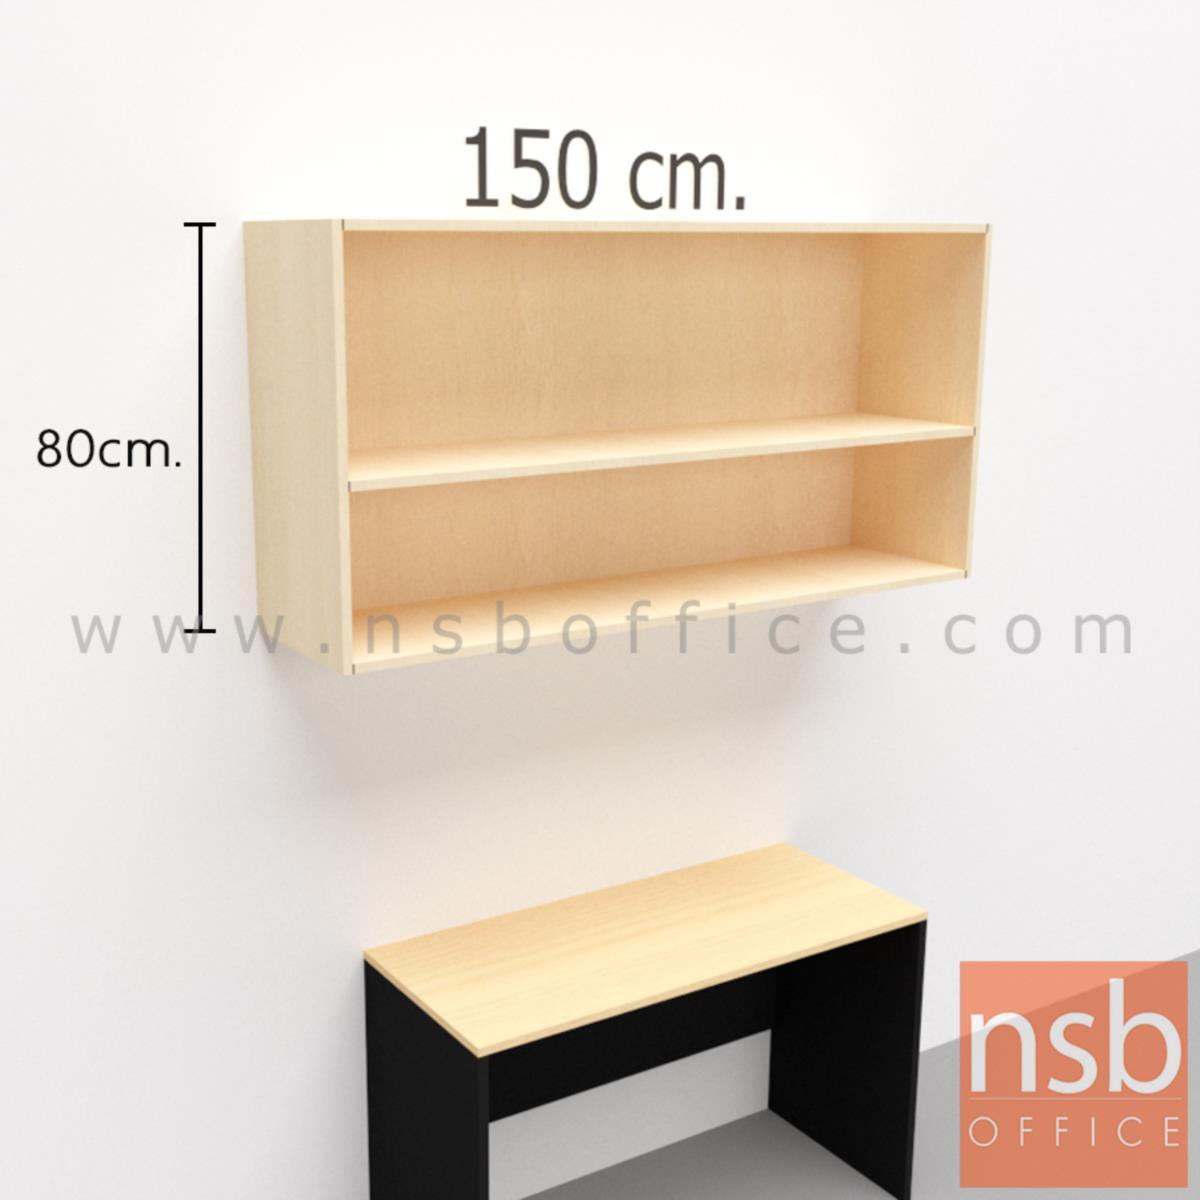 ตู้แขวนลอย ช่องโล่ง 2 ช่องวางแฟ้ม รุ่น Wesley (เวสลีย์) ขนาด 80W,120W,150W*80H cm.  เมลามีน